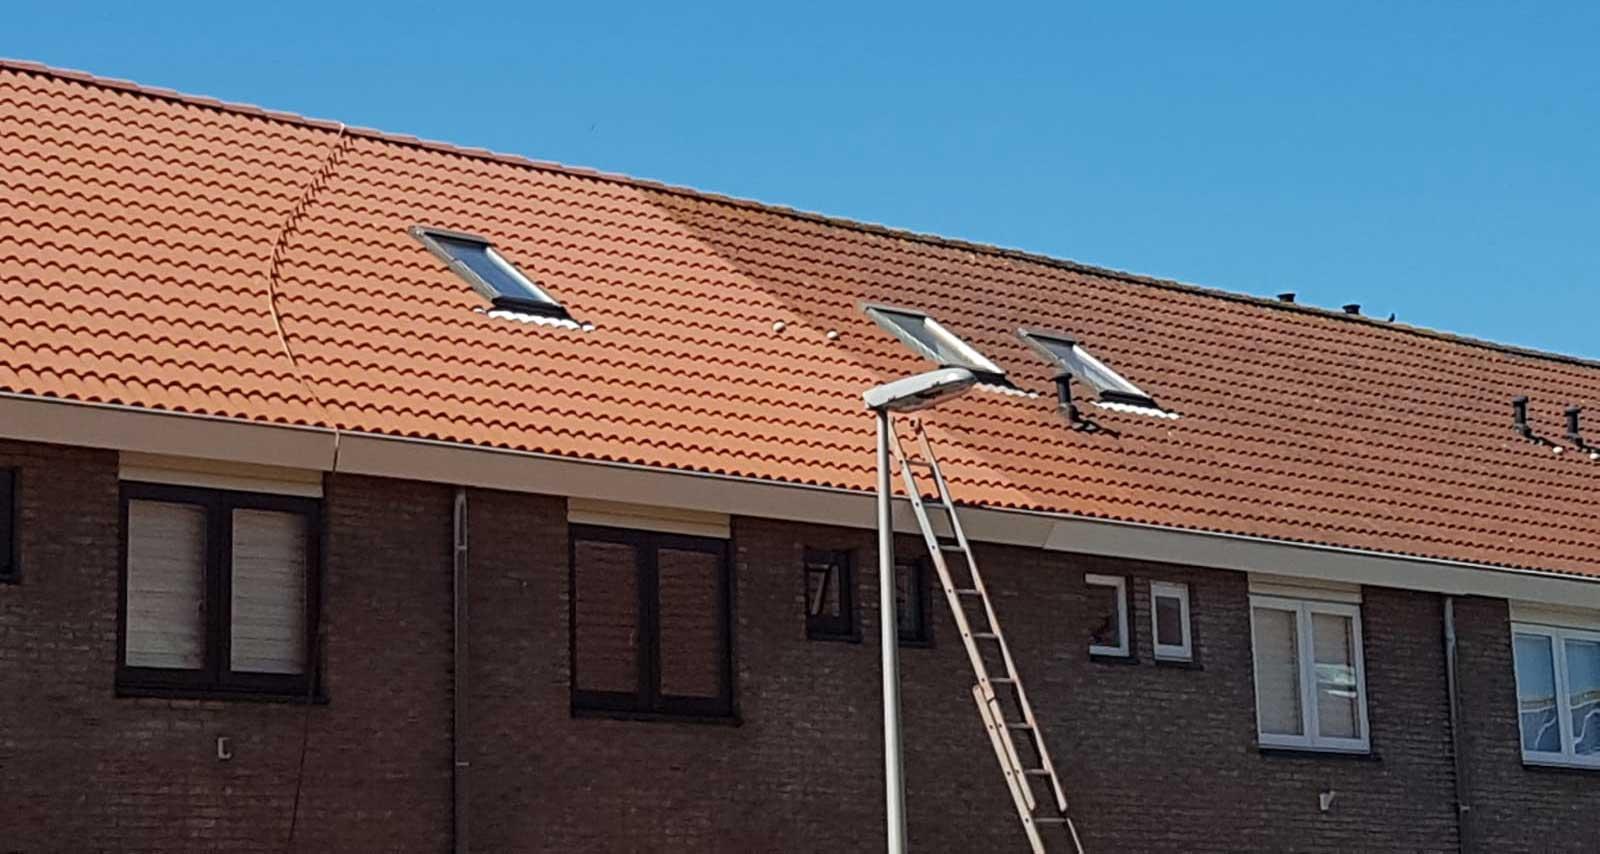 Aanslag dakpannen opgelost